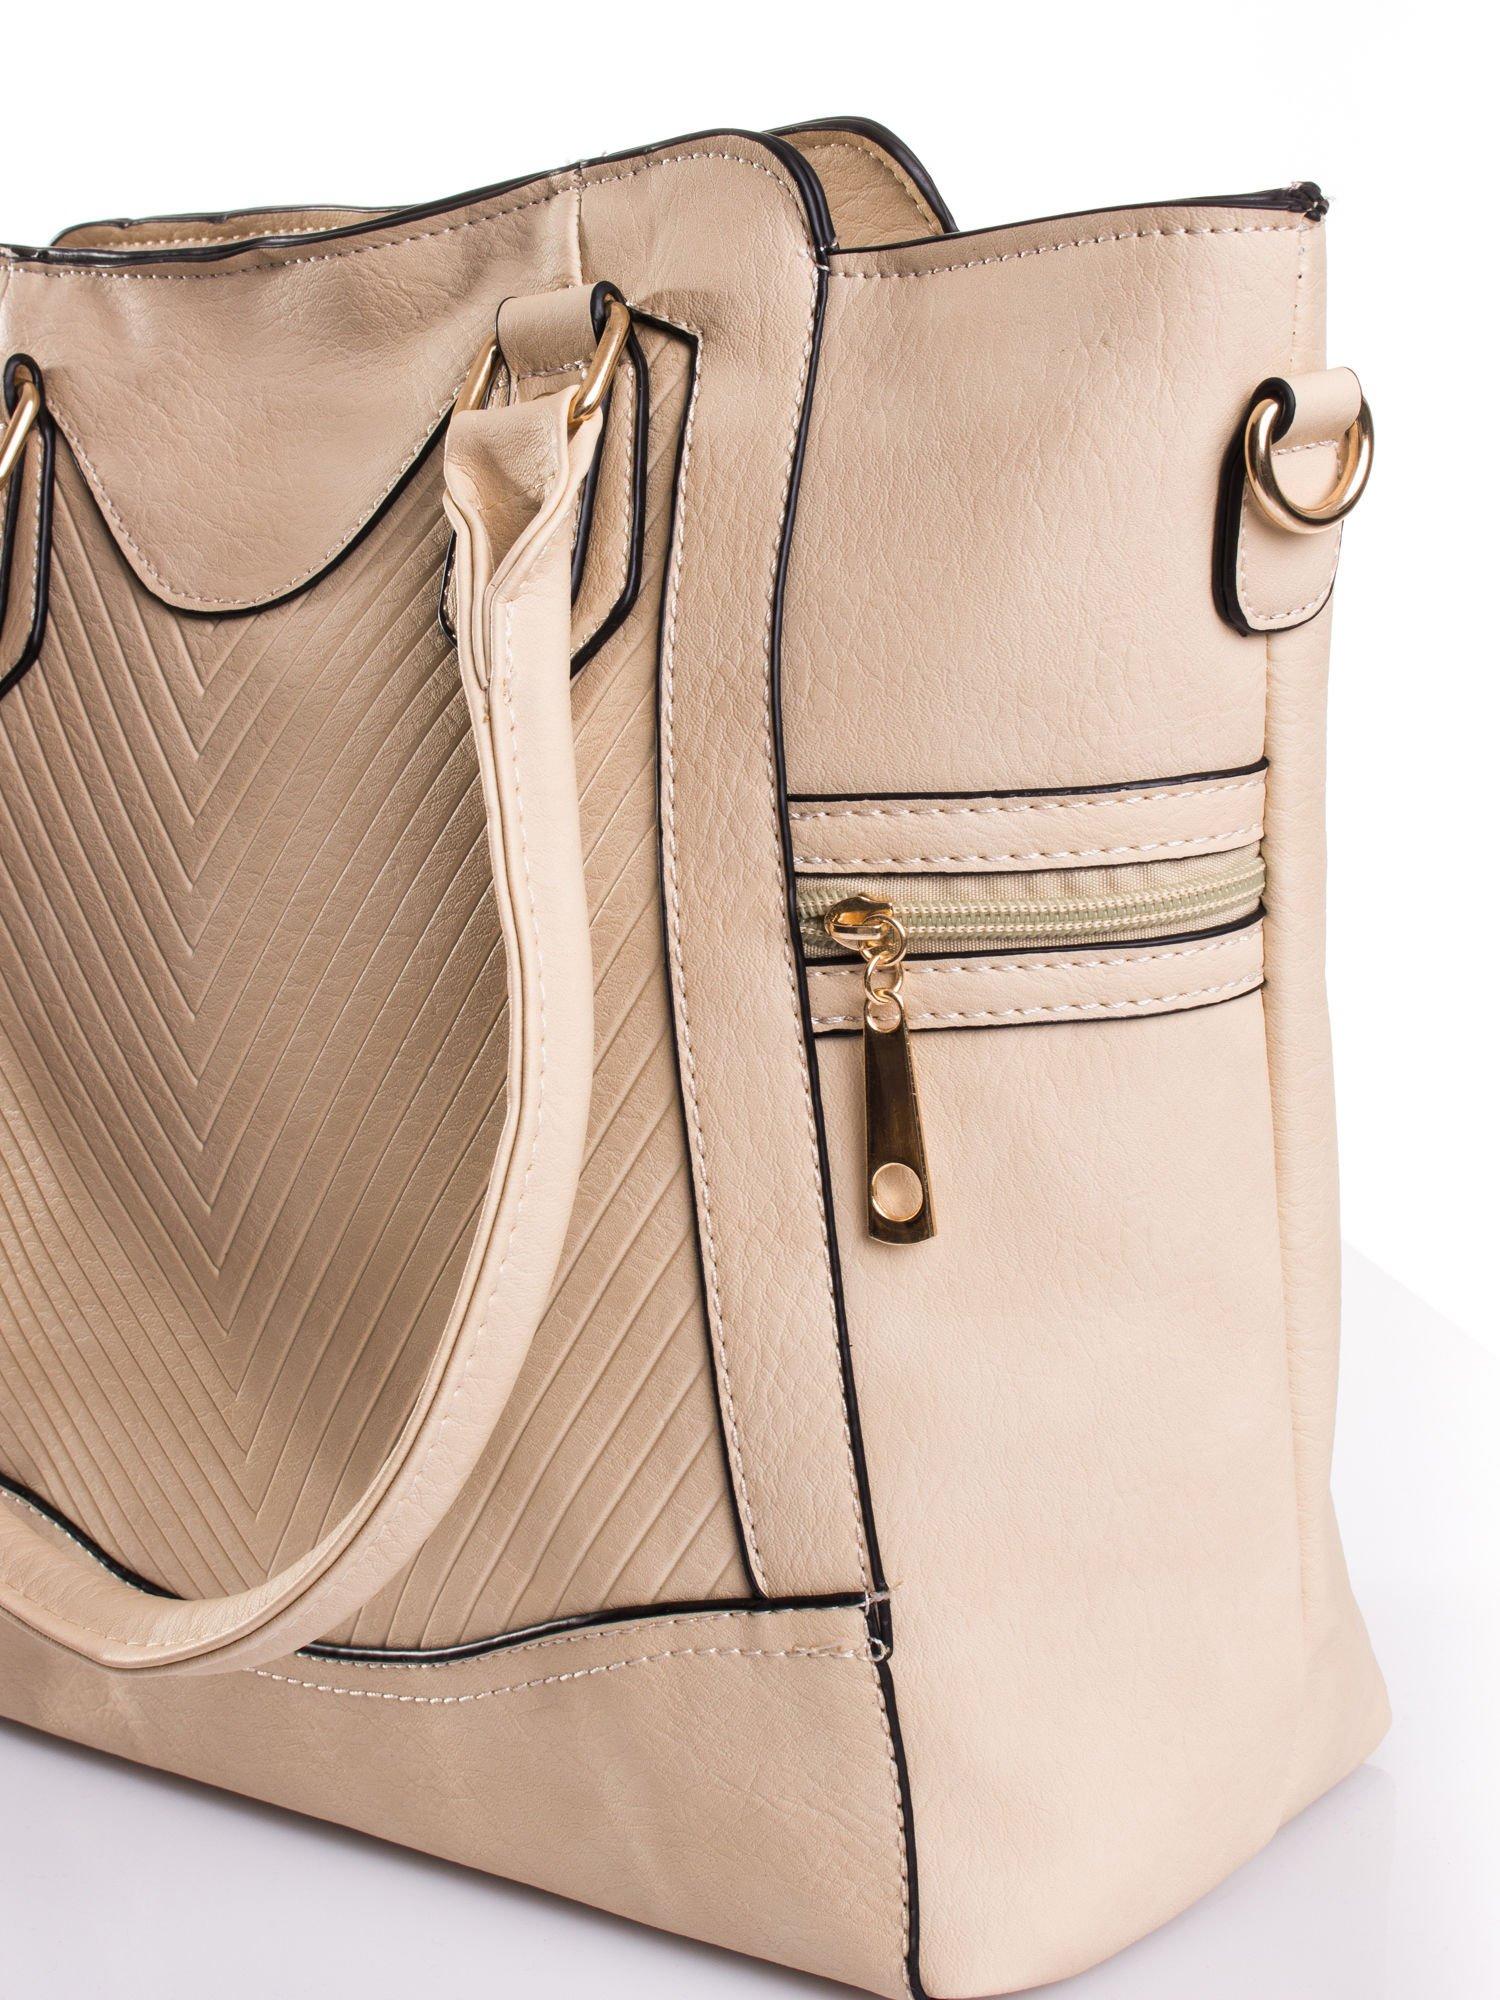 Kremowa torba ze złotymi wykończeniami                                  zdj.                                  5